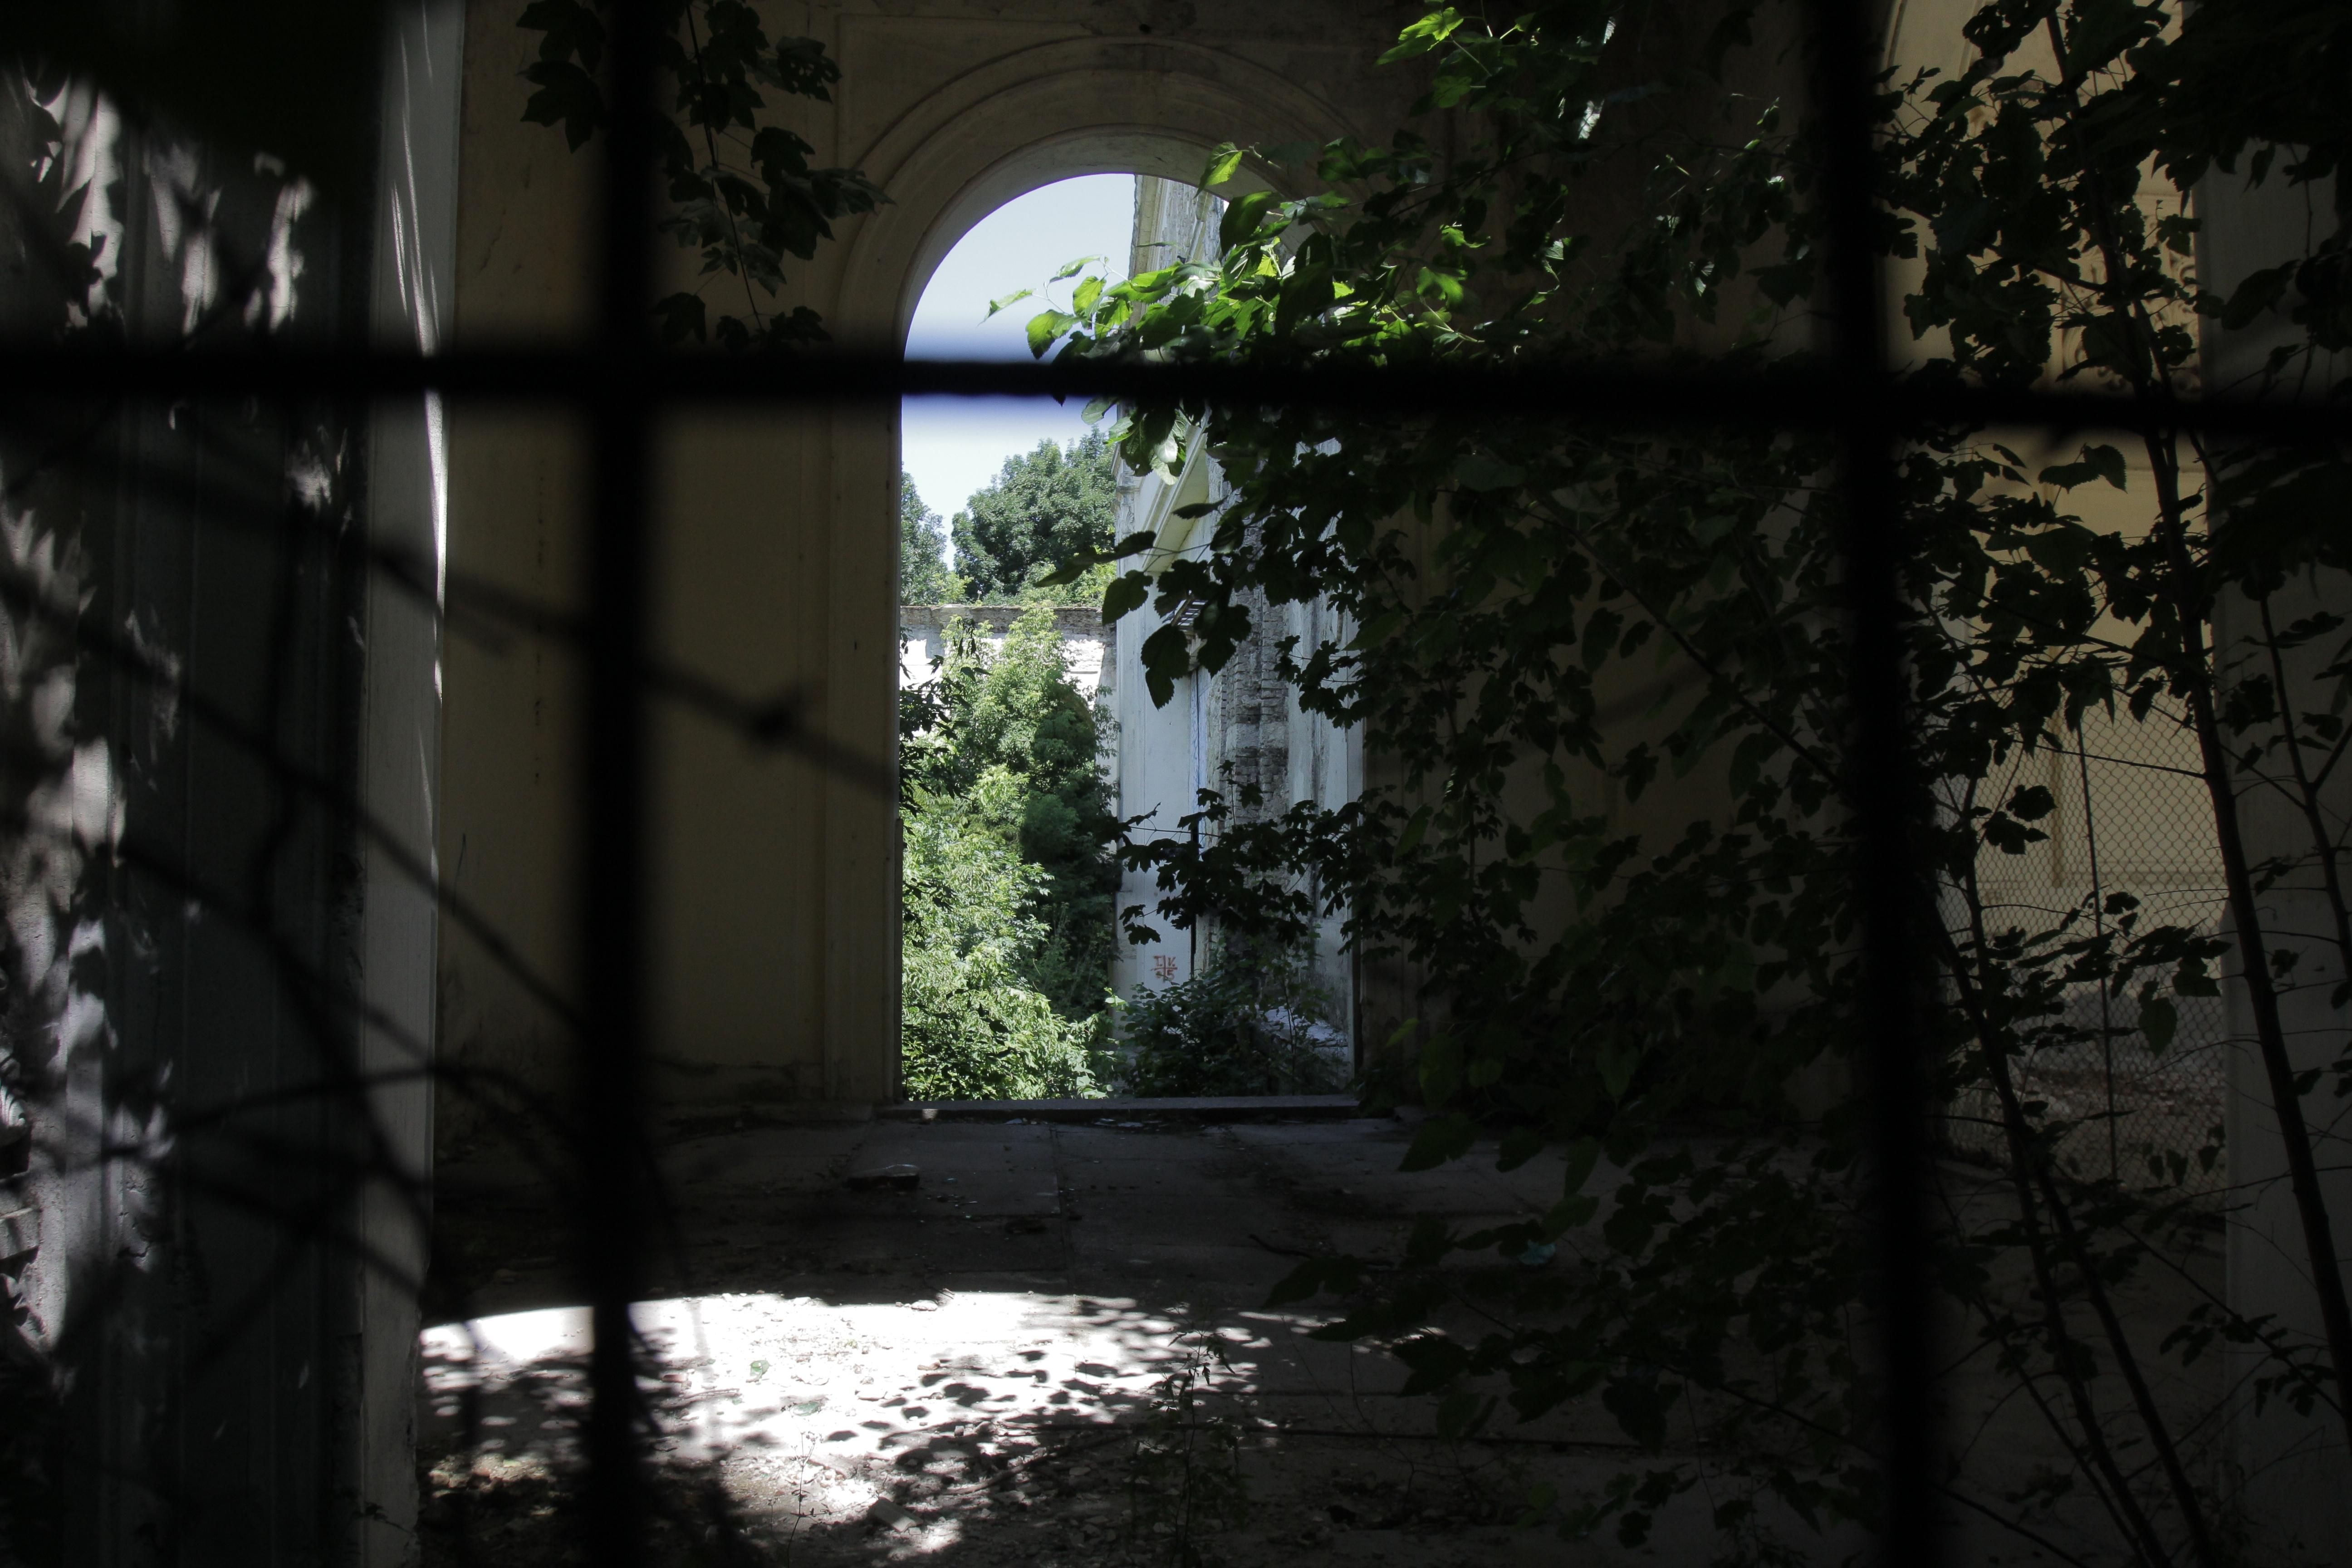 In folclorul romanesc se spune ca locul este cautat de vanatorii de paranormal